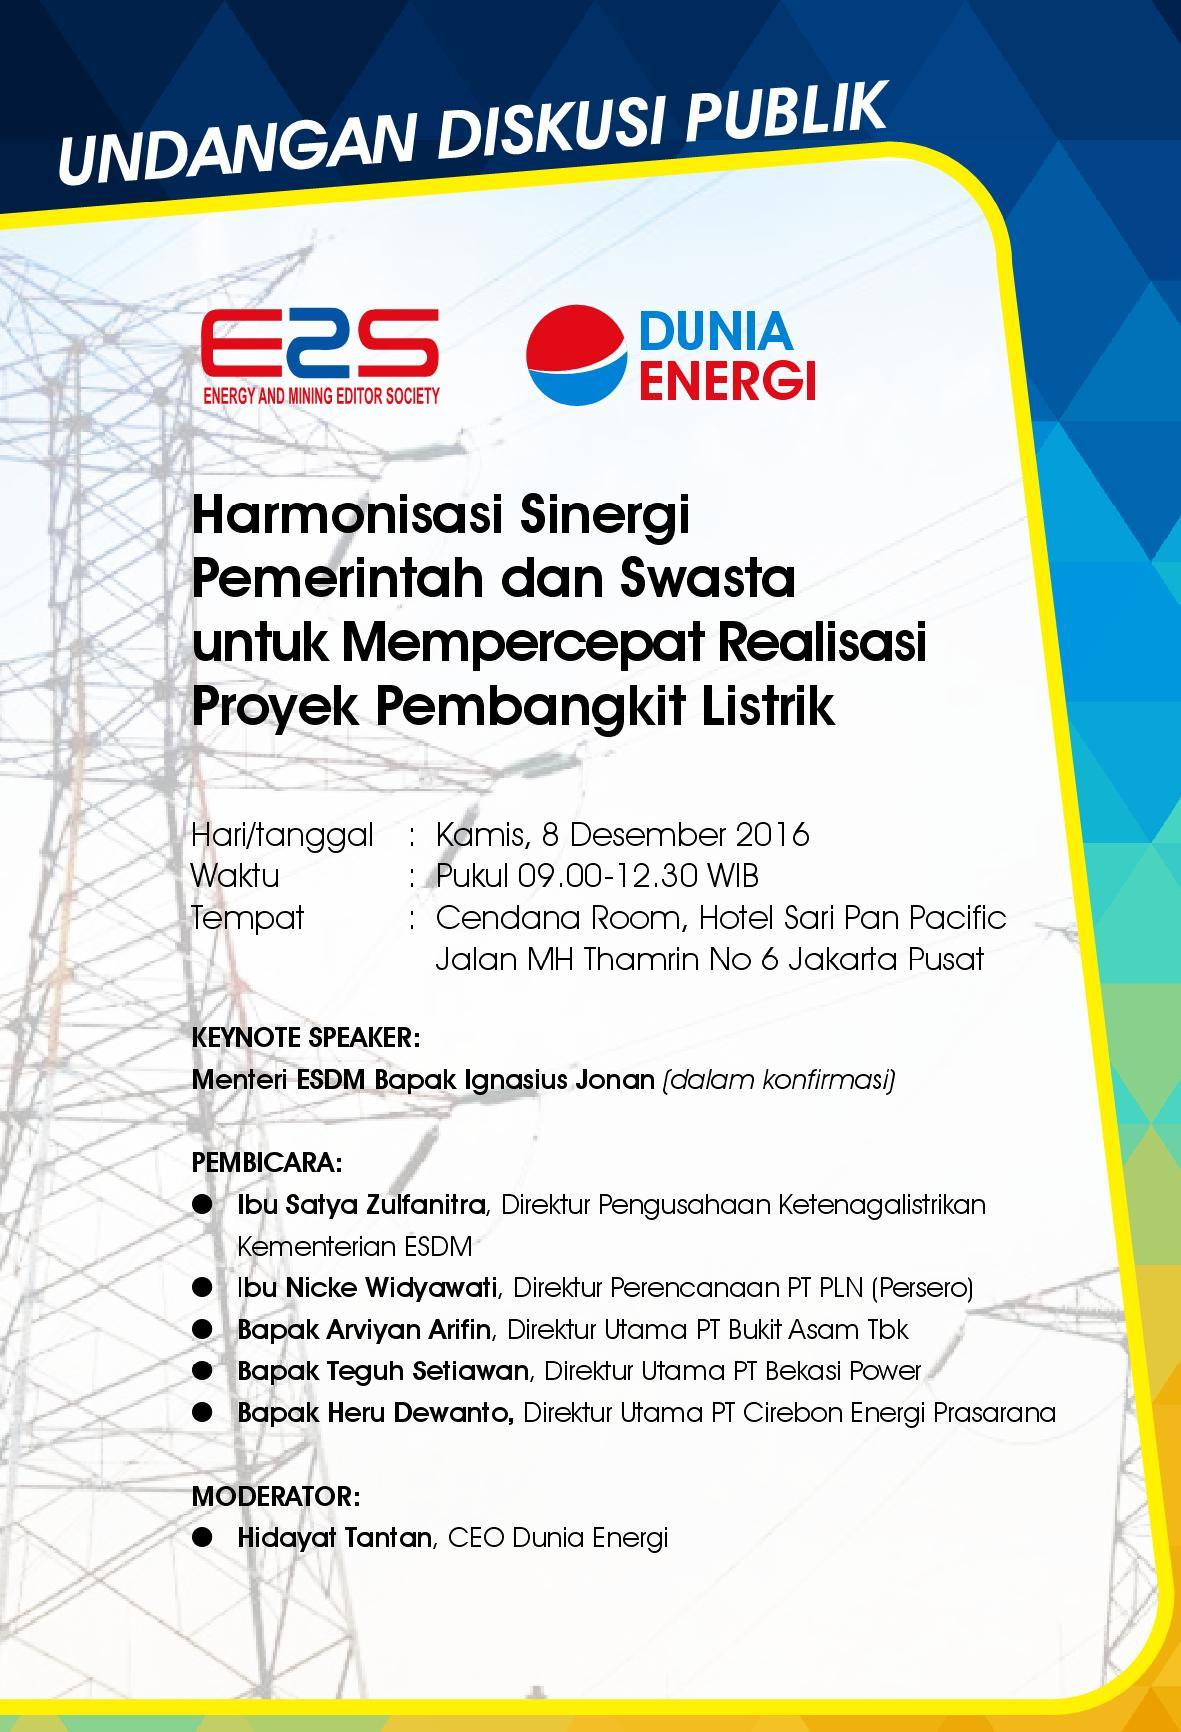 E2s Dan Dunia Energi Gelar Diskusi Soal Listrik Kamis 8 Desember Dunia Energi